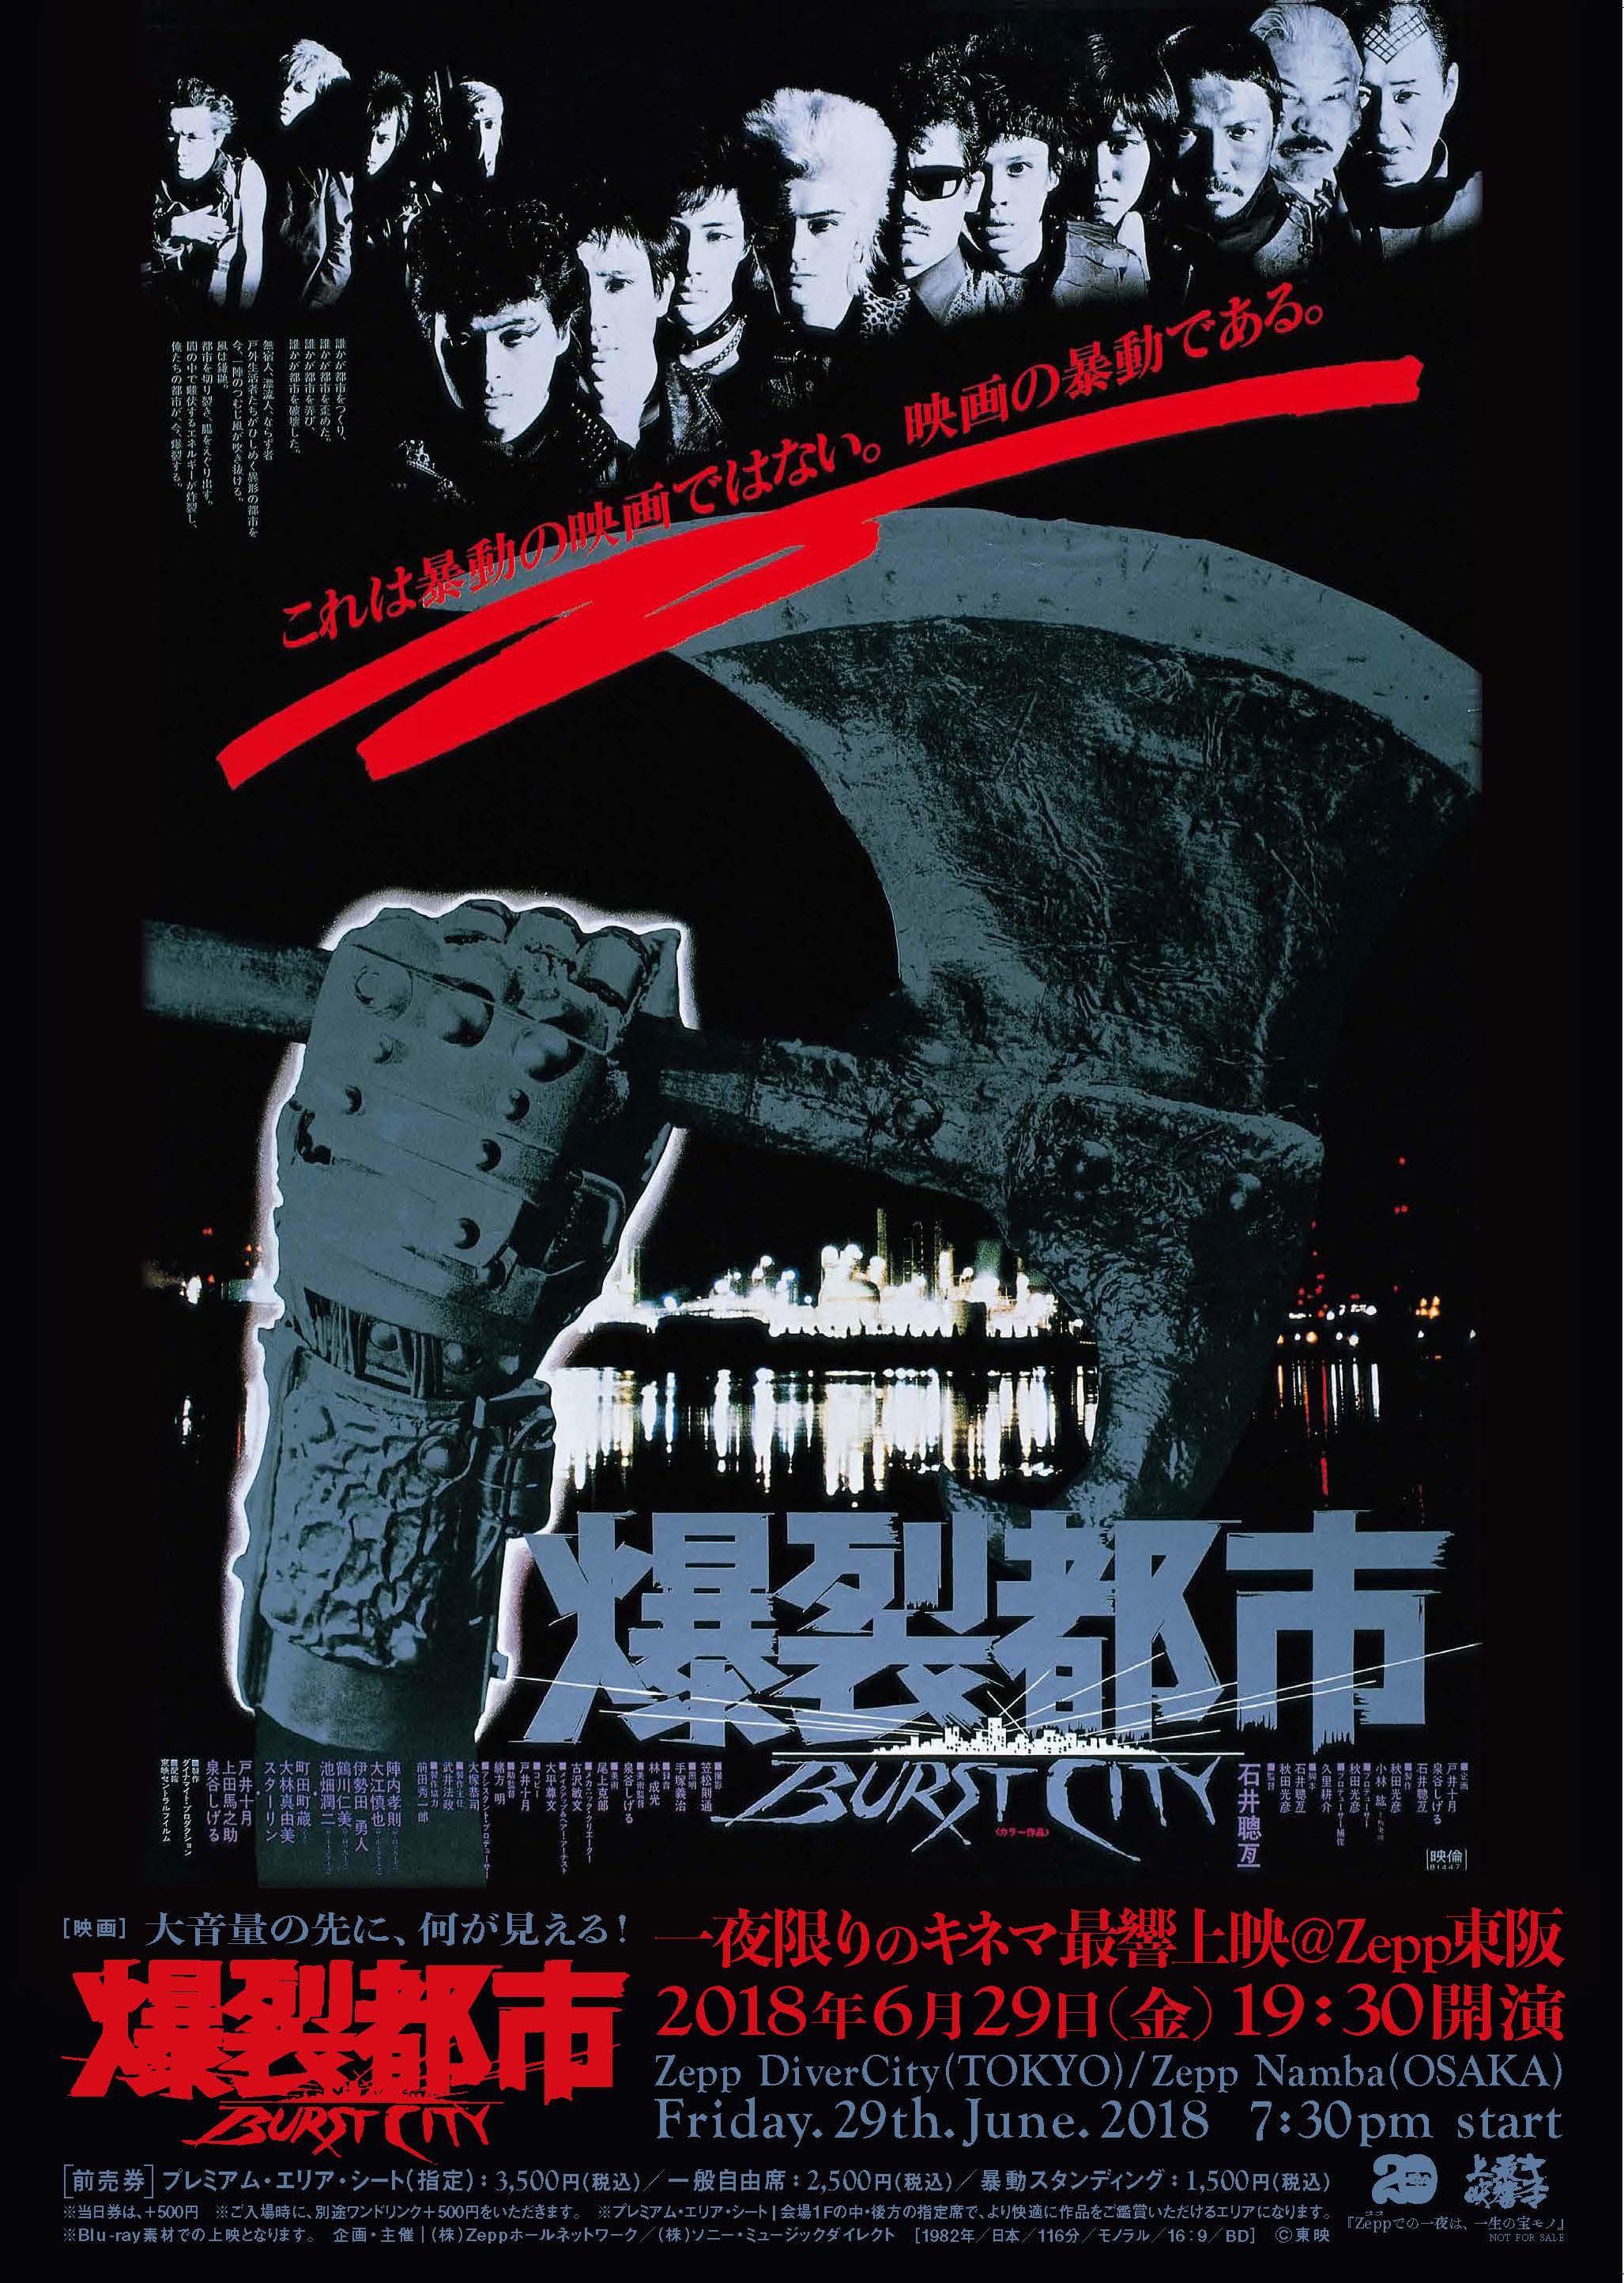 バトル・ロッカーズやマッド・スターリンのライブを疑似体験! 80'sカウンター・カルチャーの金字塔、映画『爆裂都市  BURST CITY』が東京と大阪で一夜限りの大音量上映決定!